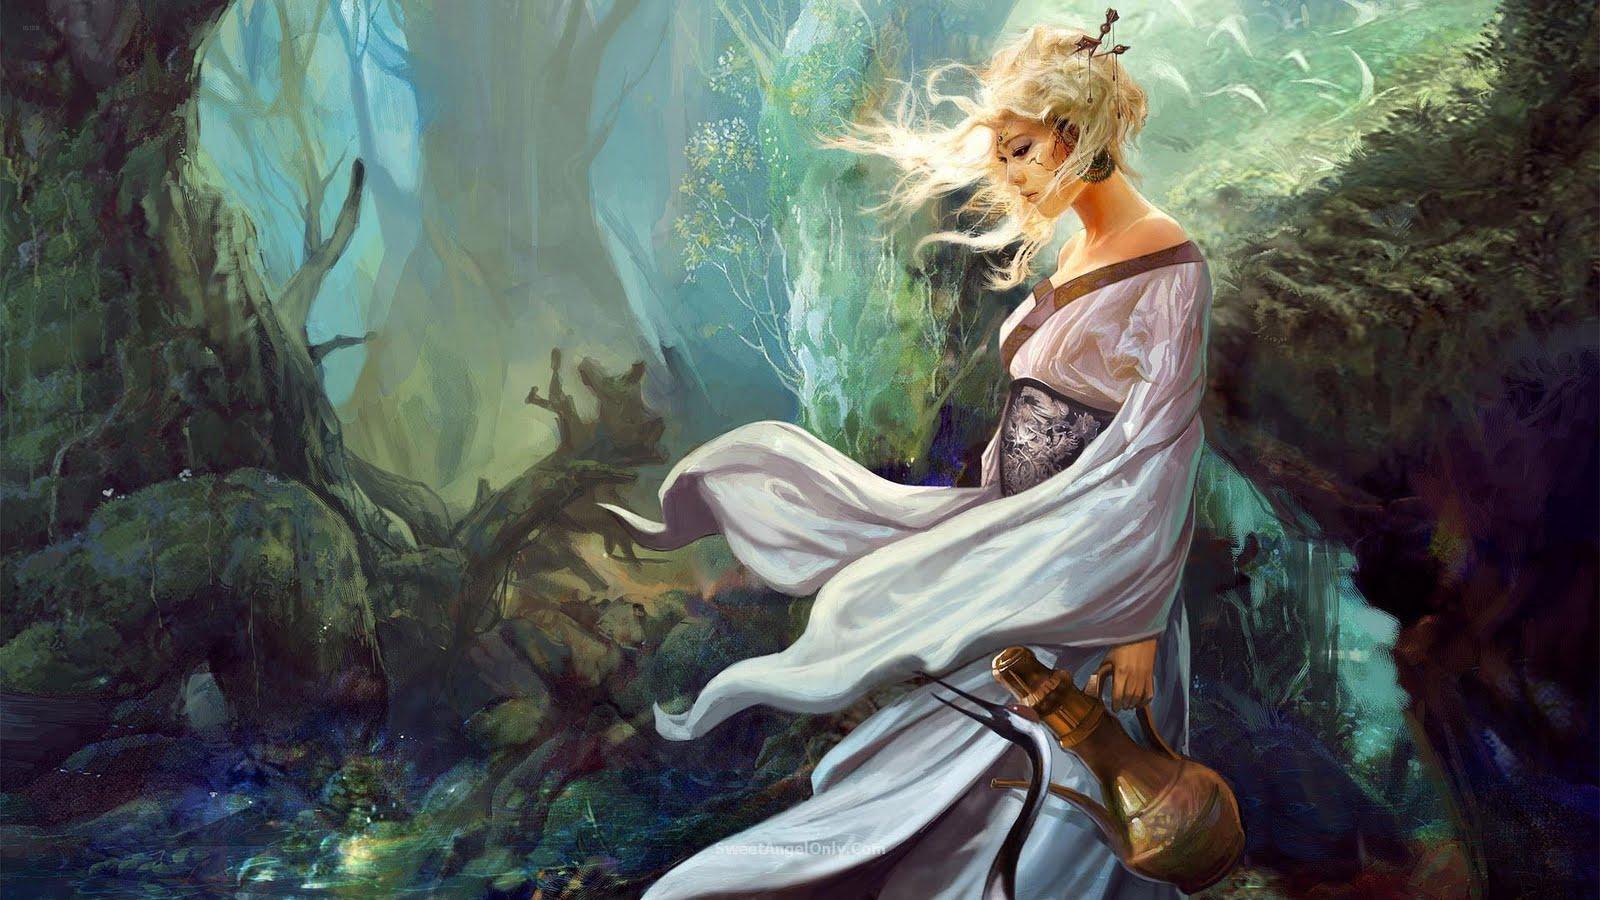 Beautiful Fantasy Wallpaper - WallpaperSafari